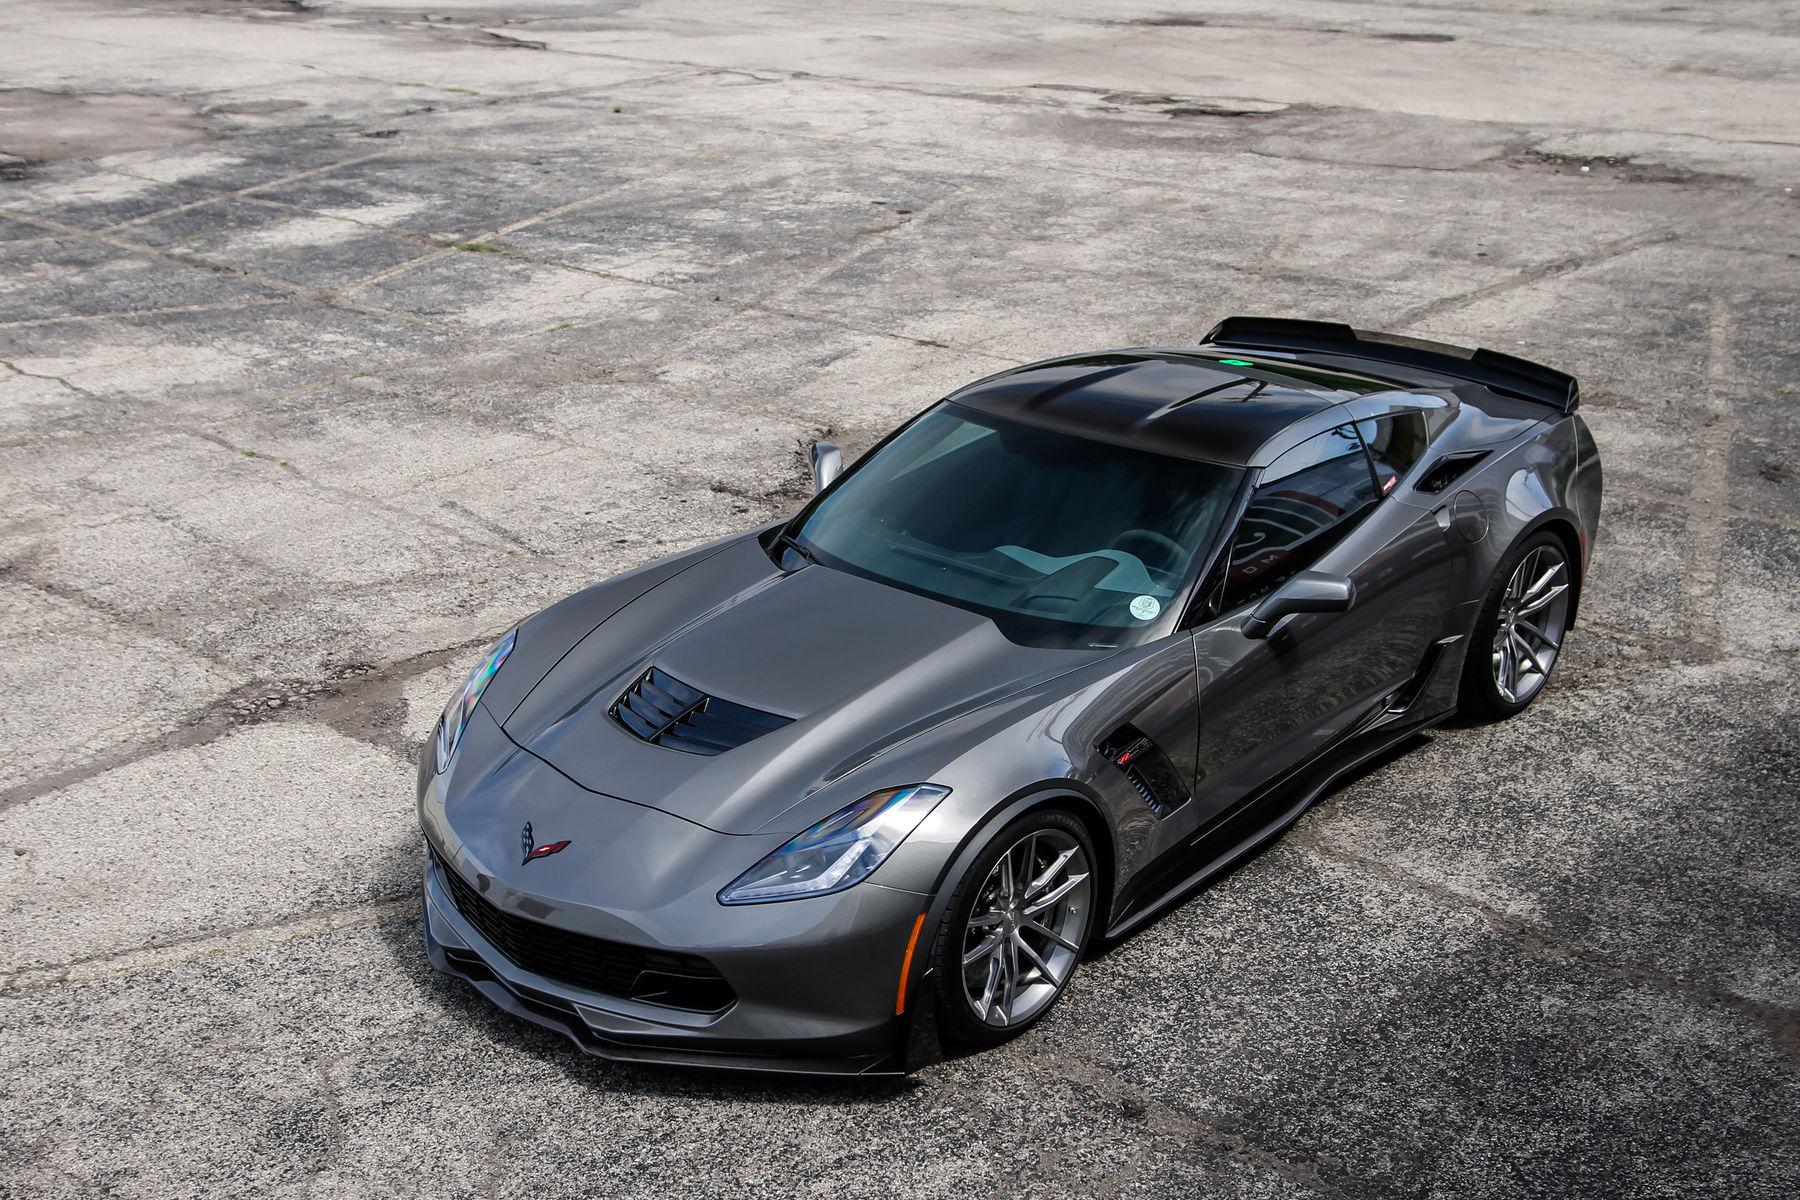 2015 Chevrolet Corvette Z06 | Forgeline C7 Corvette Z06 on AR1 Wheels - Full Shot